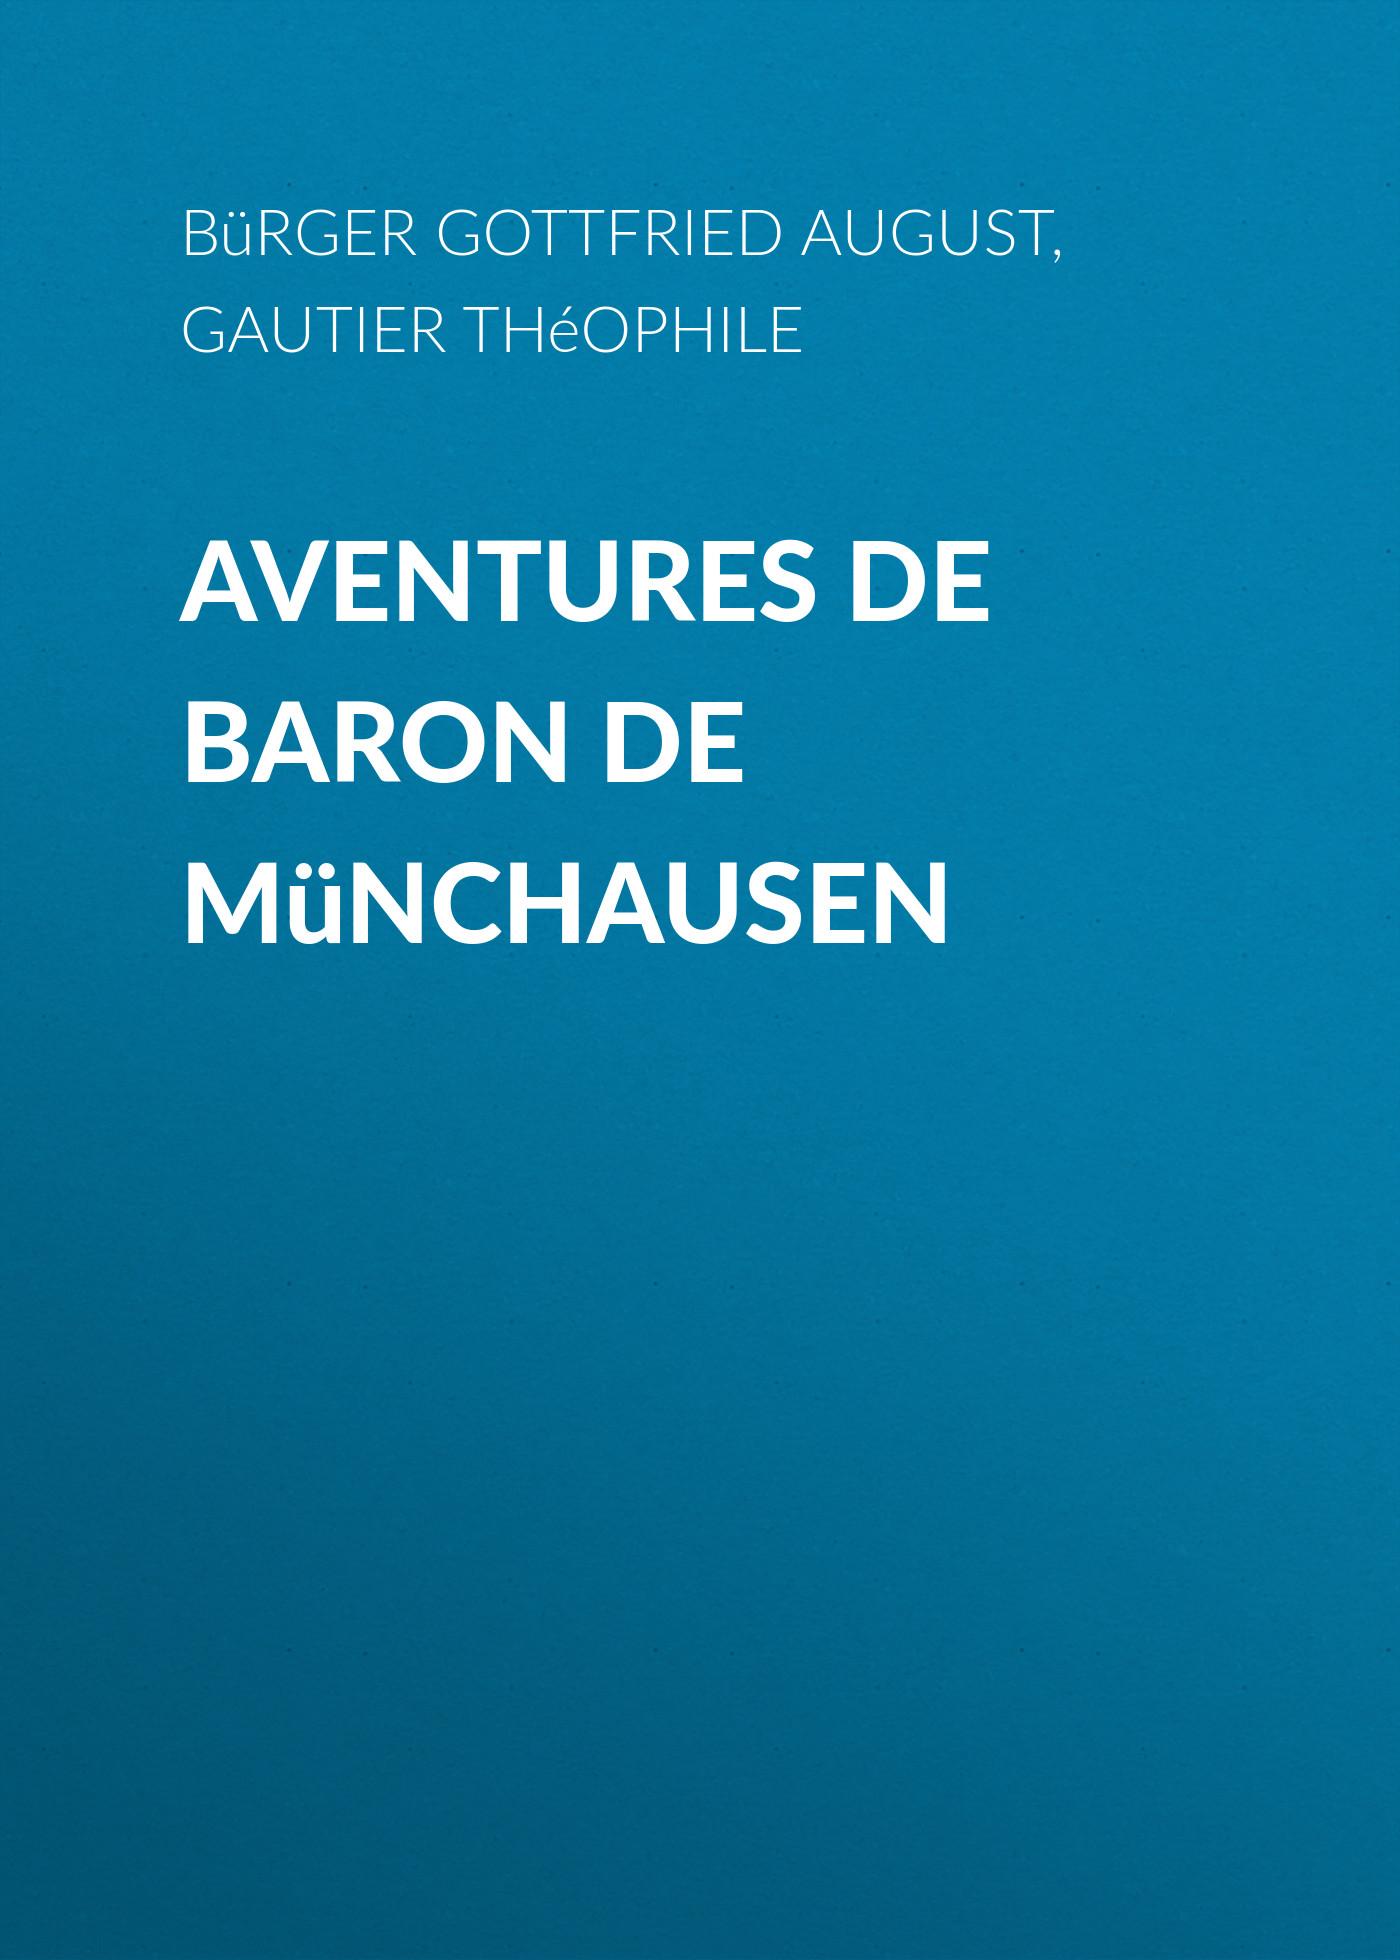 aventures de baron de munchausen